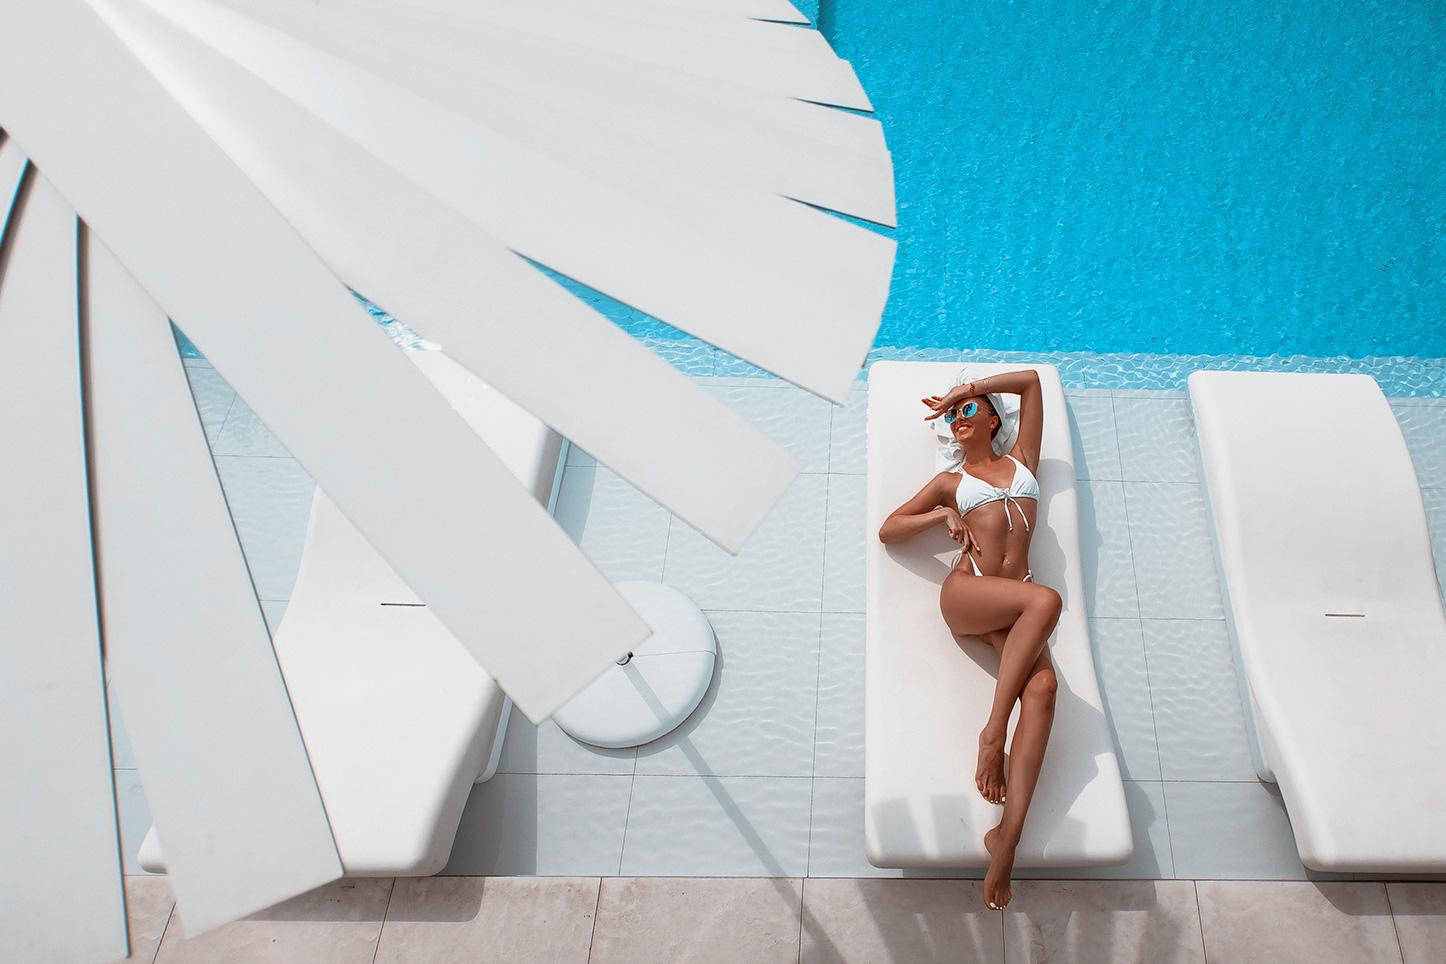 Launching Santorini - An exclusive fashion show byKaanda